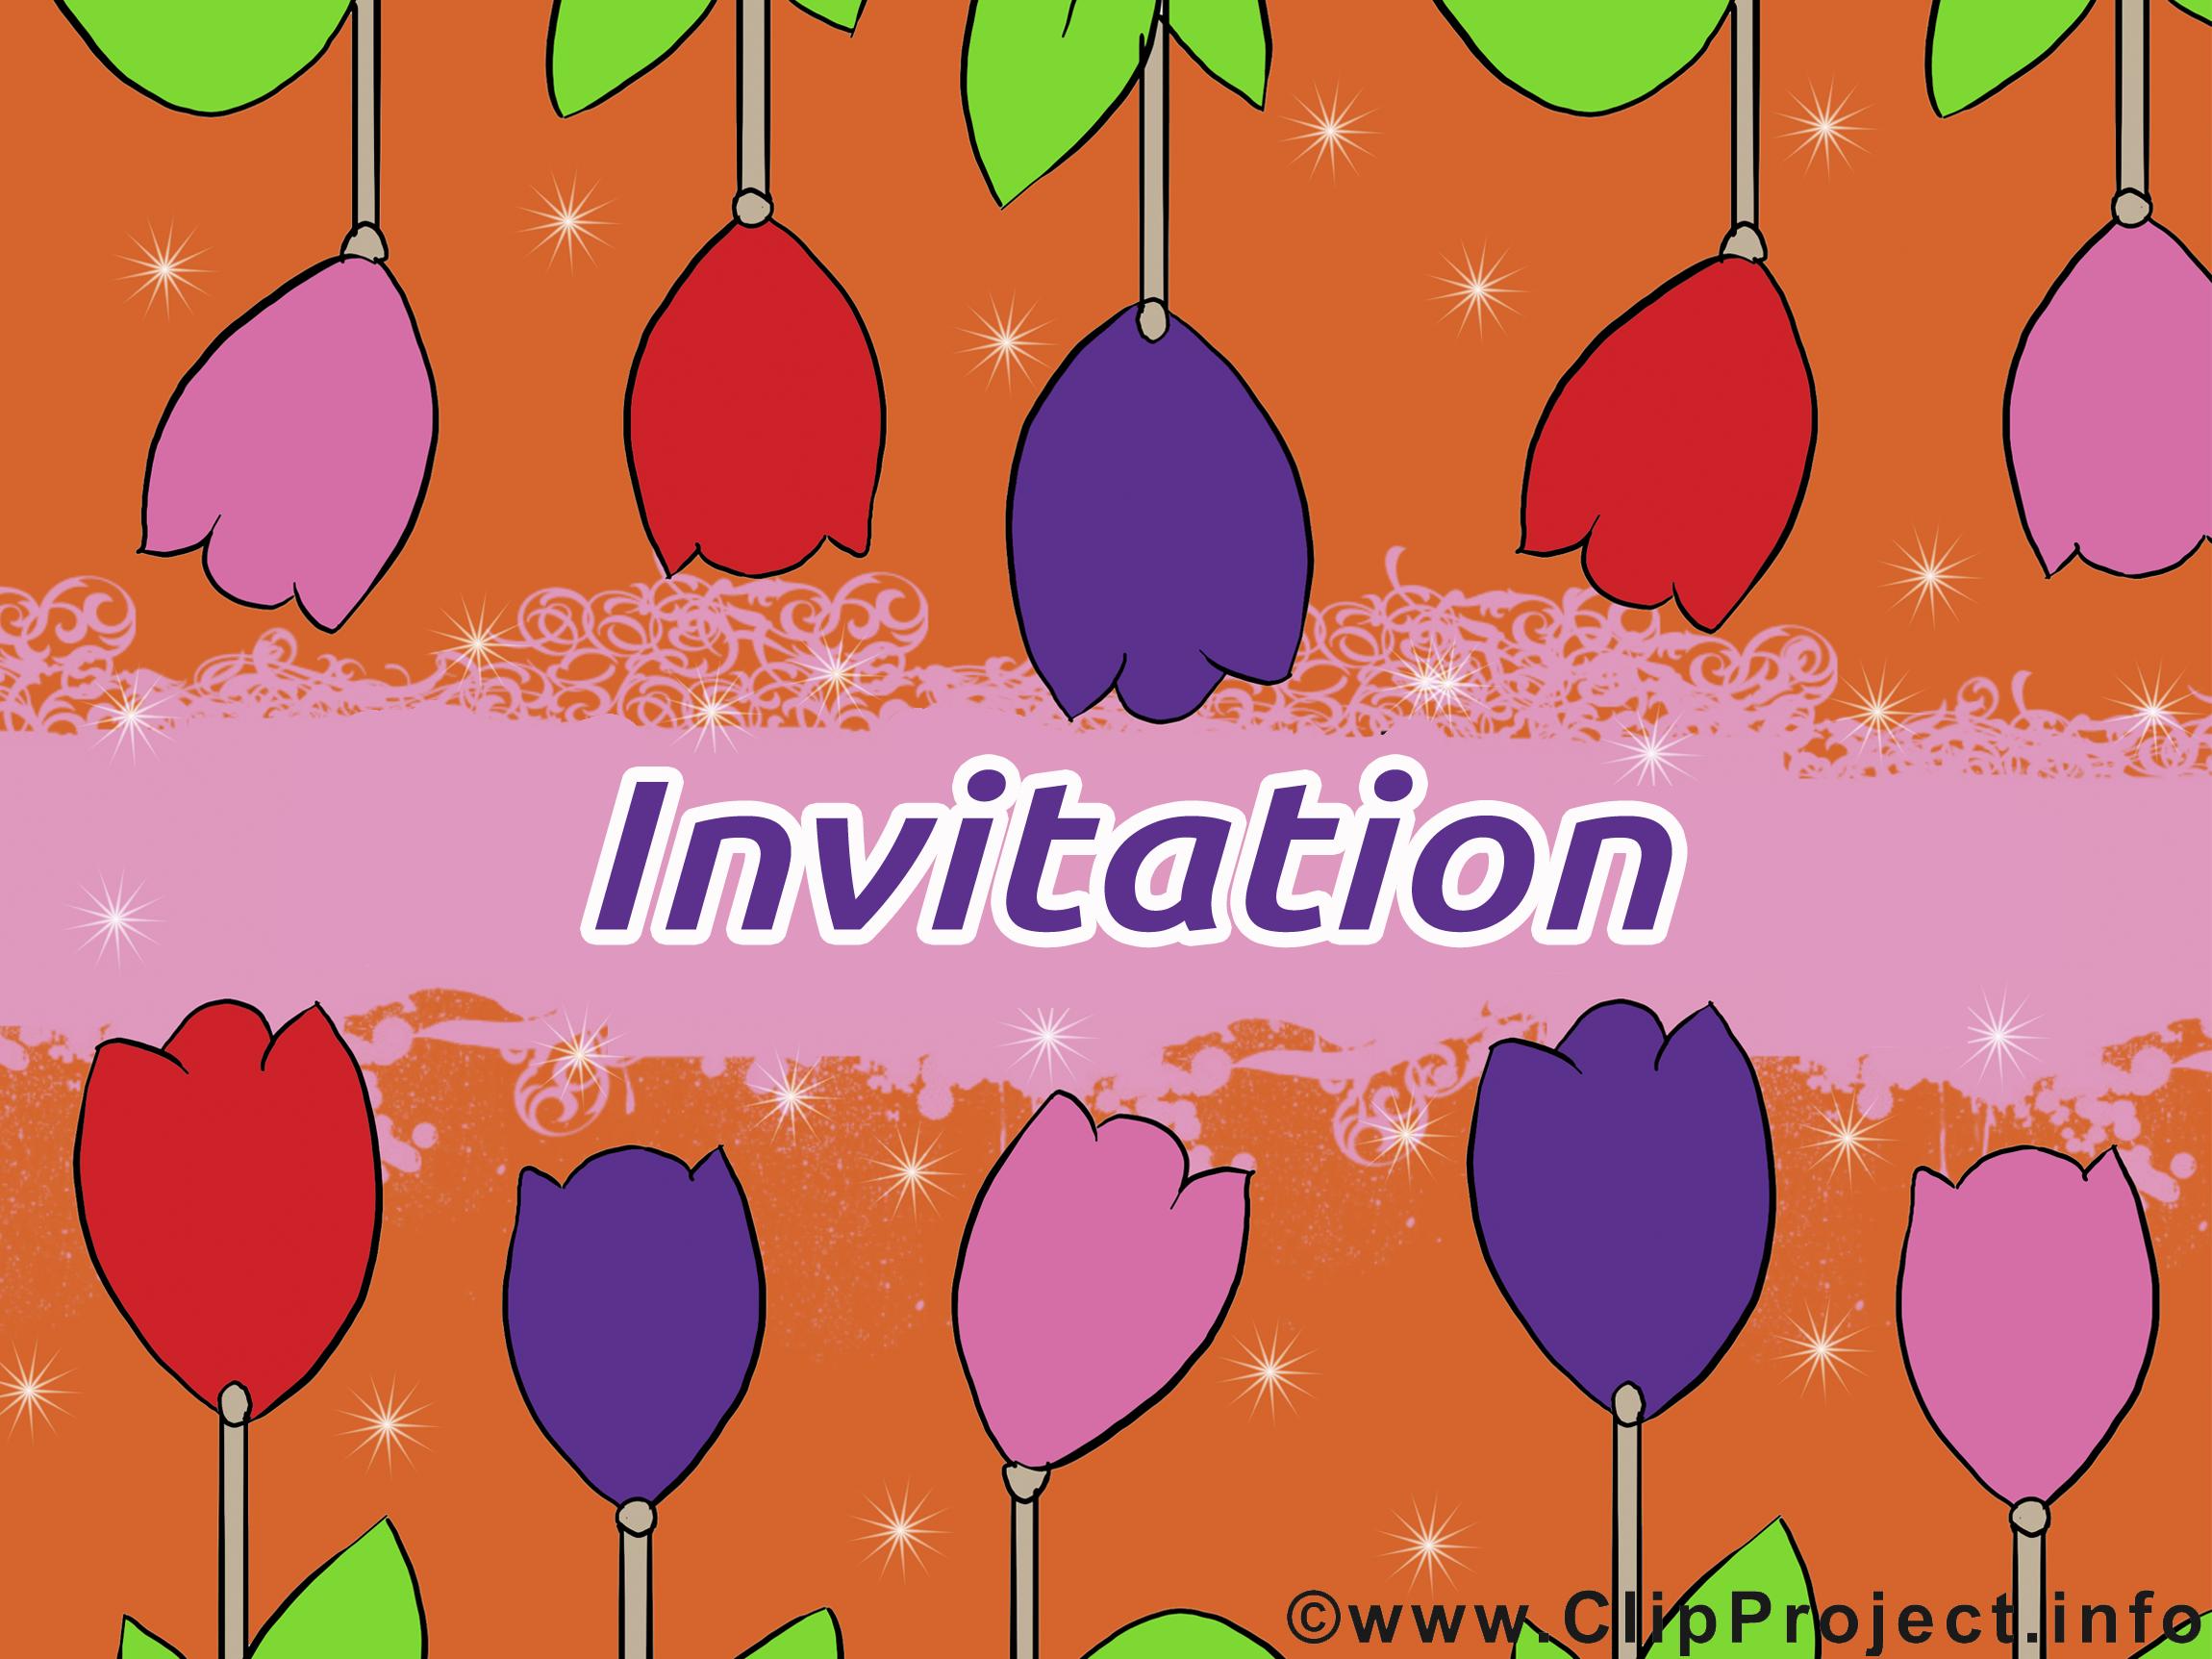 Tulipes cliparts gratuis - Invitation images